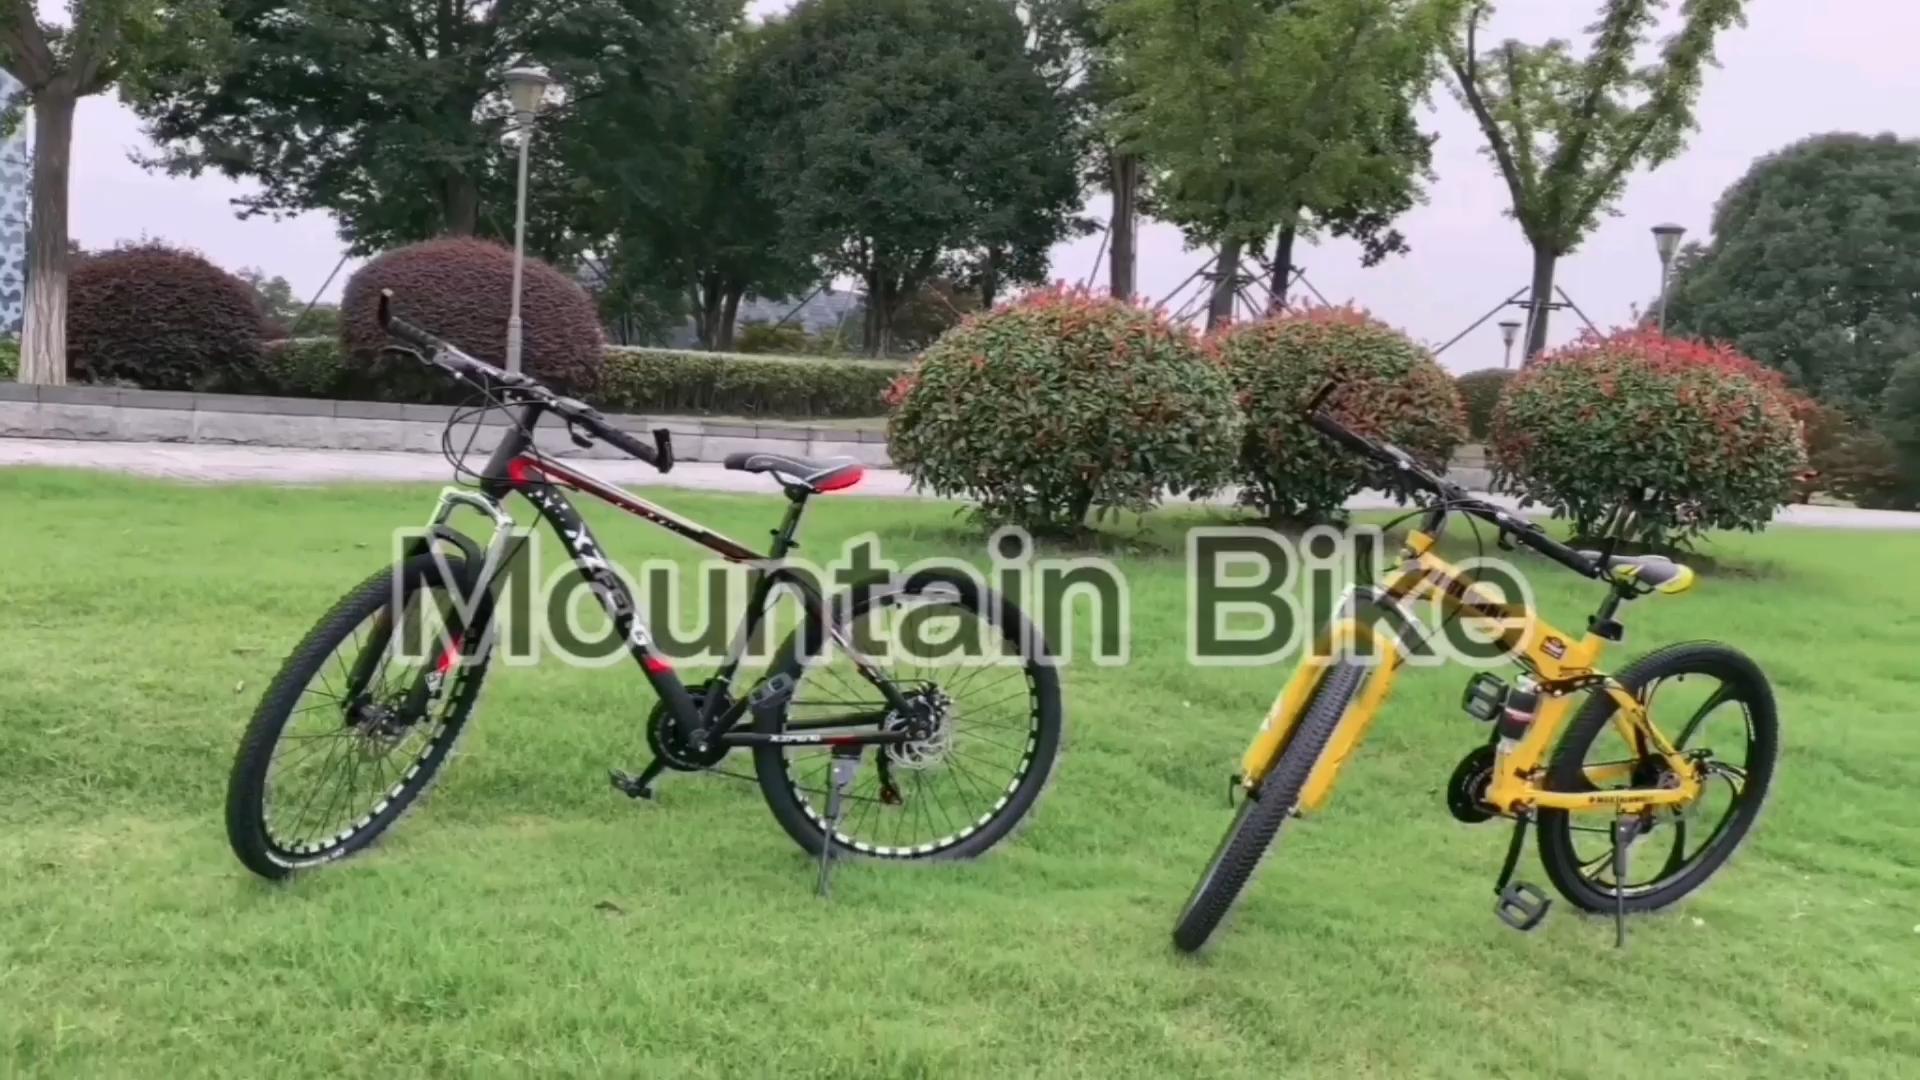 2019 सस्ते नए मॉडल थोक एमटीबी 26 इंच 21 गति स्टील पर्वत बाइक साइकिल //